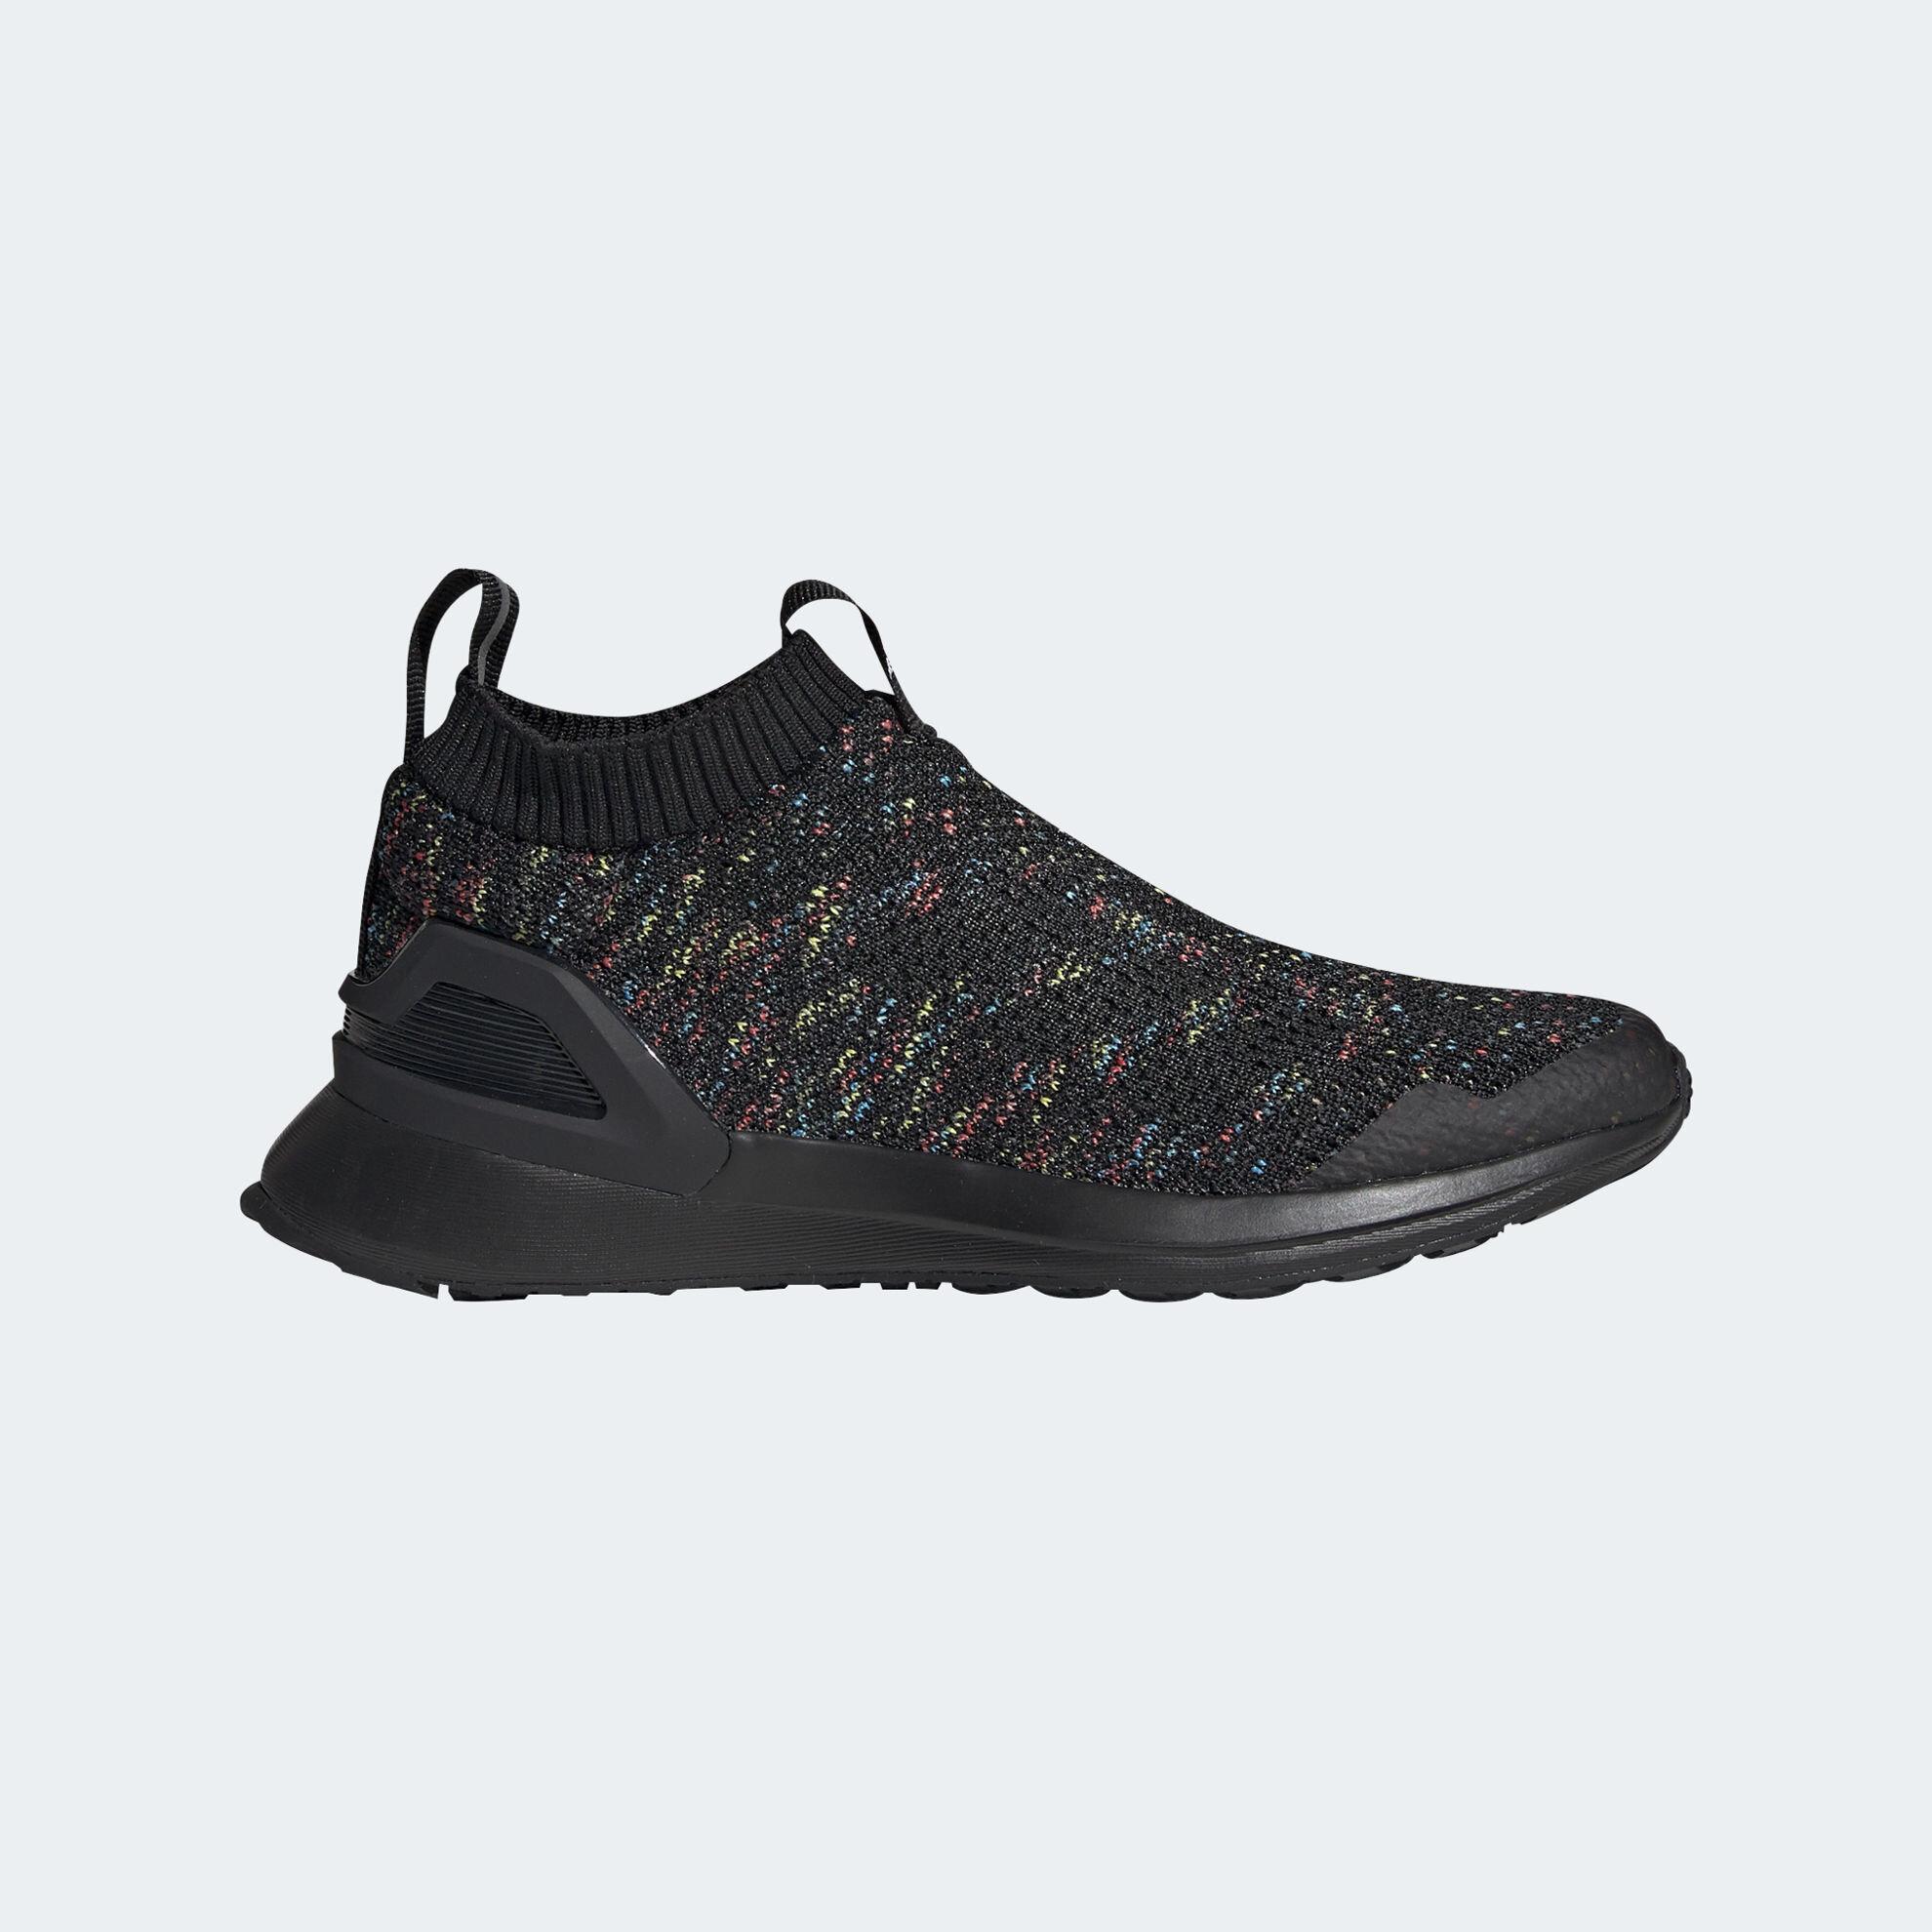 adidas RapidaRun Laceless Shoes